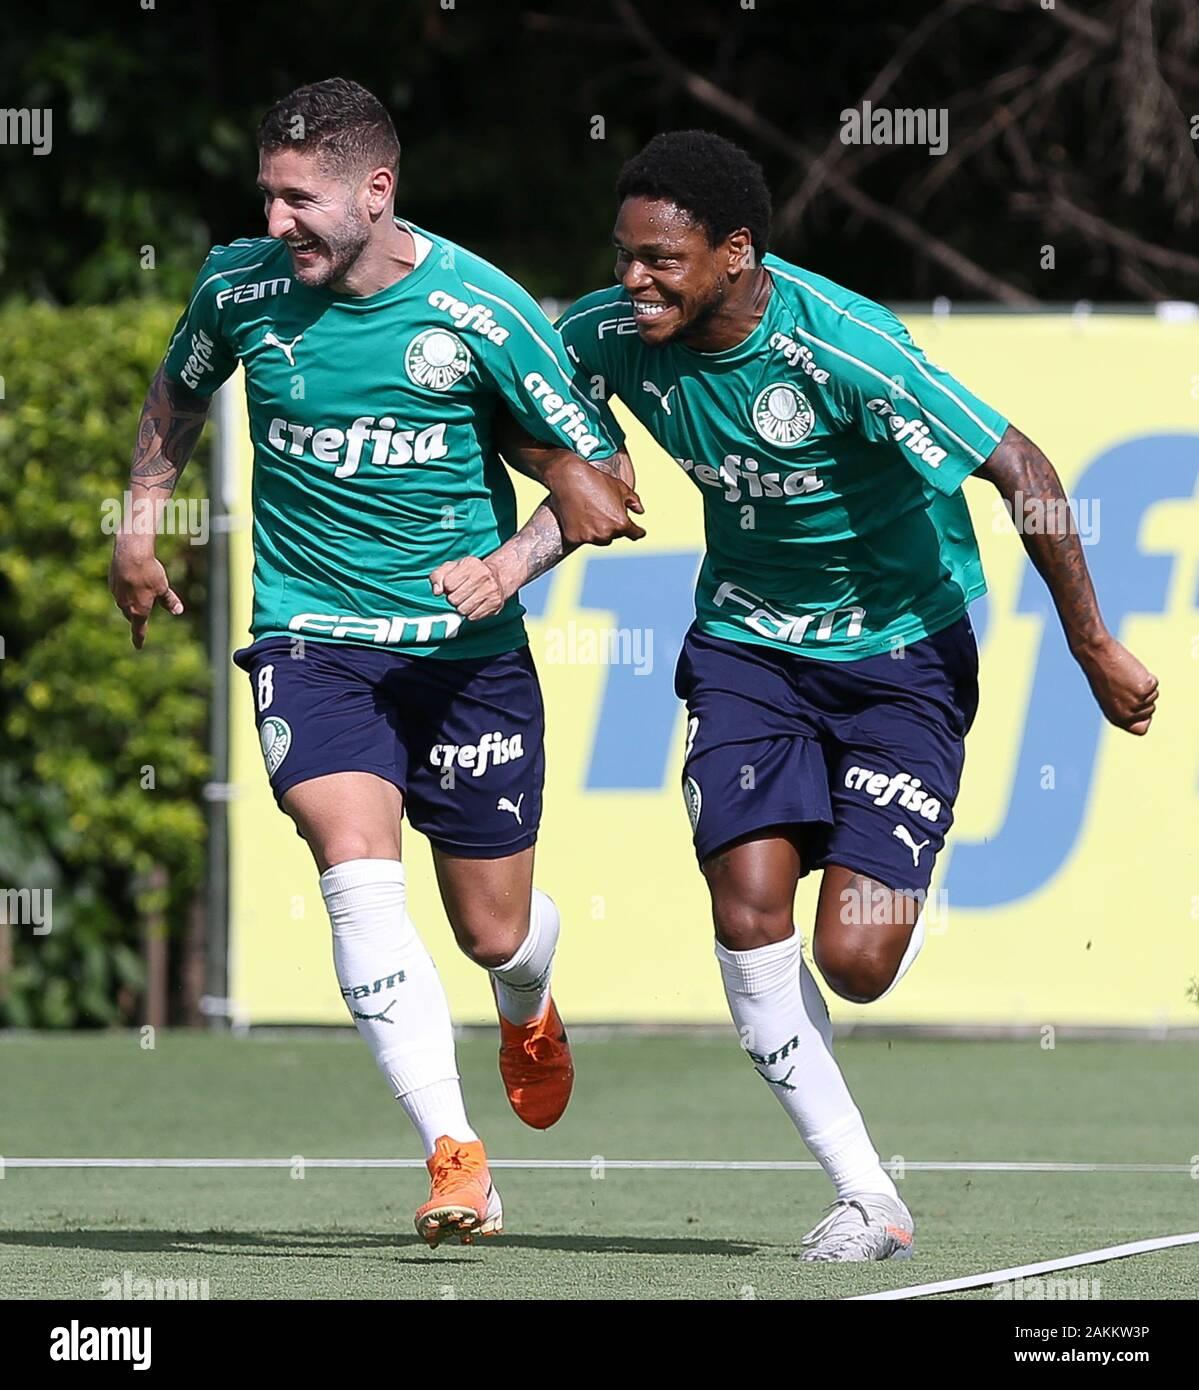 SÃO PAULO, SP - 09.01.2020: TREINO DO PALMEIRAS - Zé Rafael and Luiz Adriano (D) players from SE Palmeiras during training at the Football Academy. (Photo: Cesar Greco/Fotoarena) Stock Photo